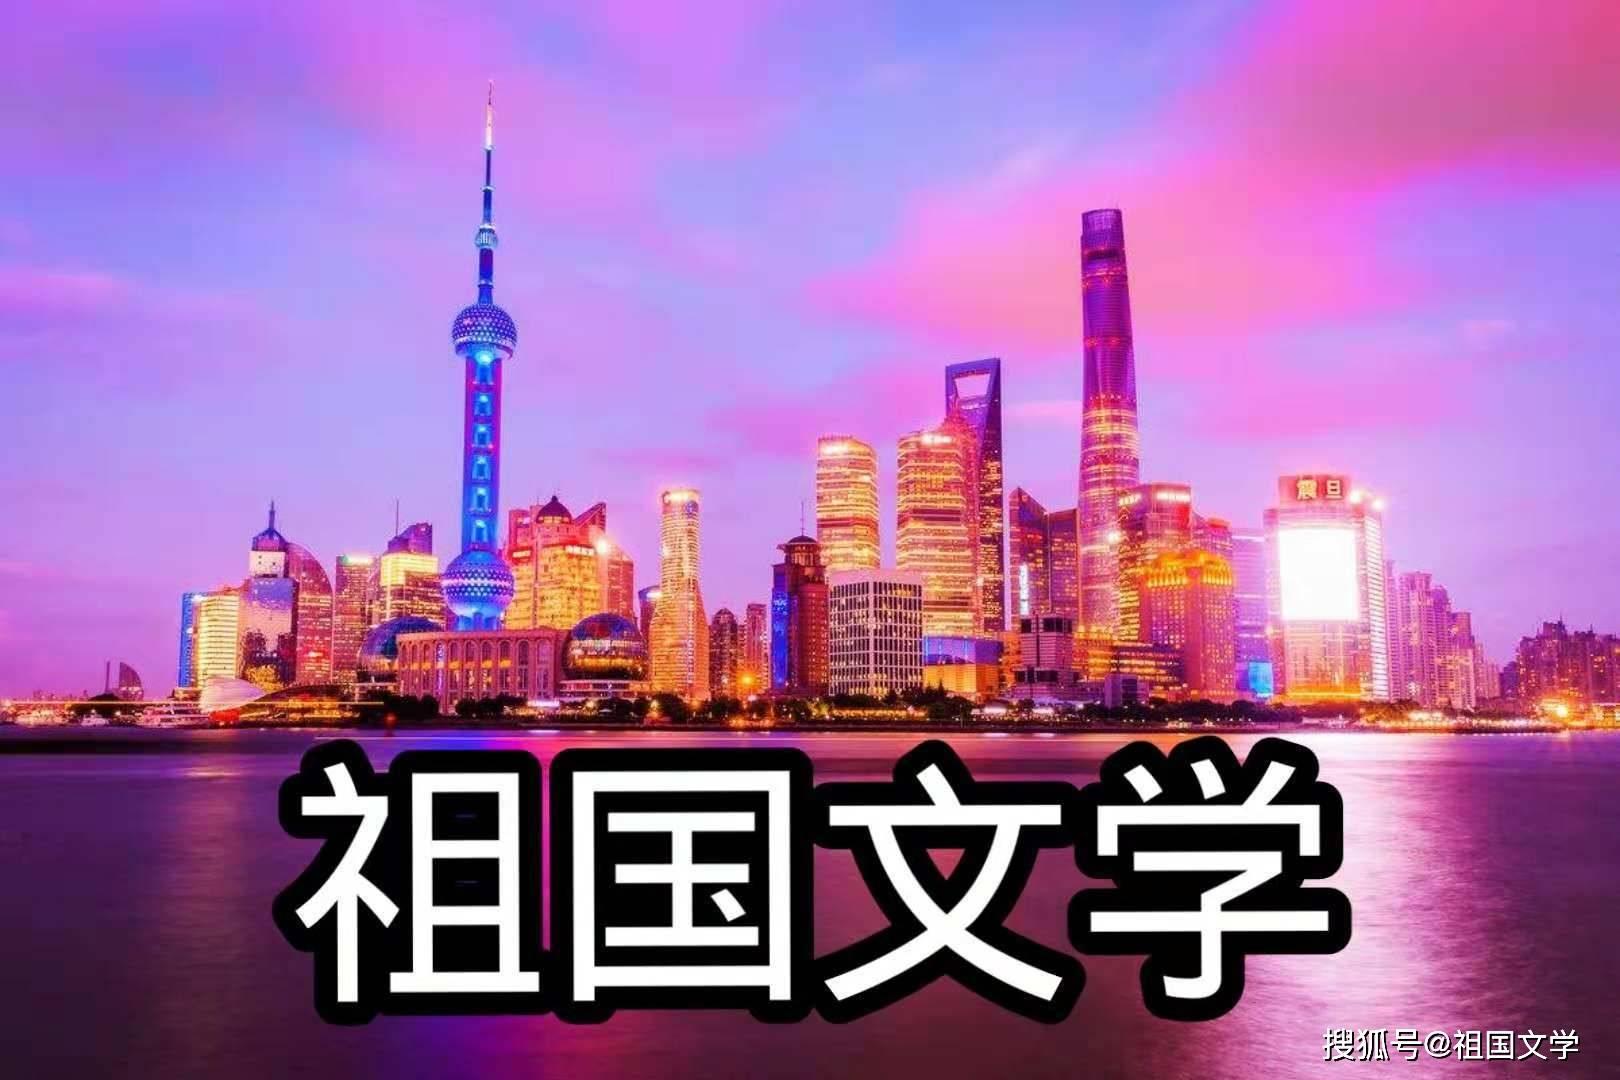 雪中腊梅 文/星光(刘艳萍)